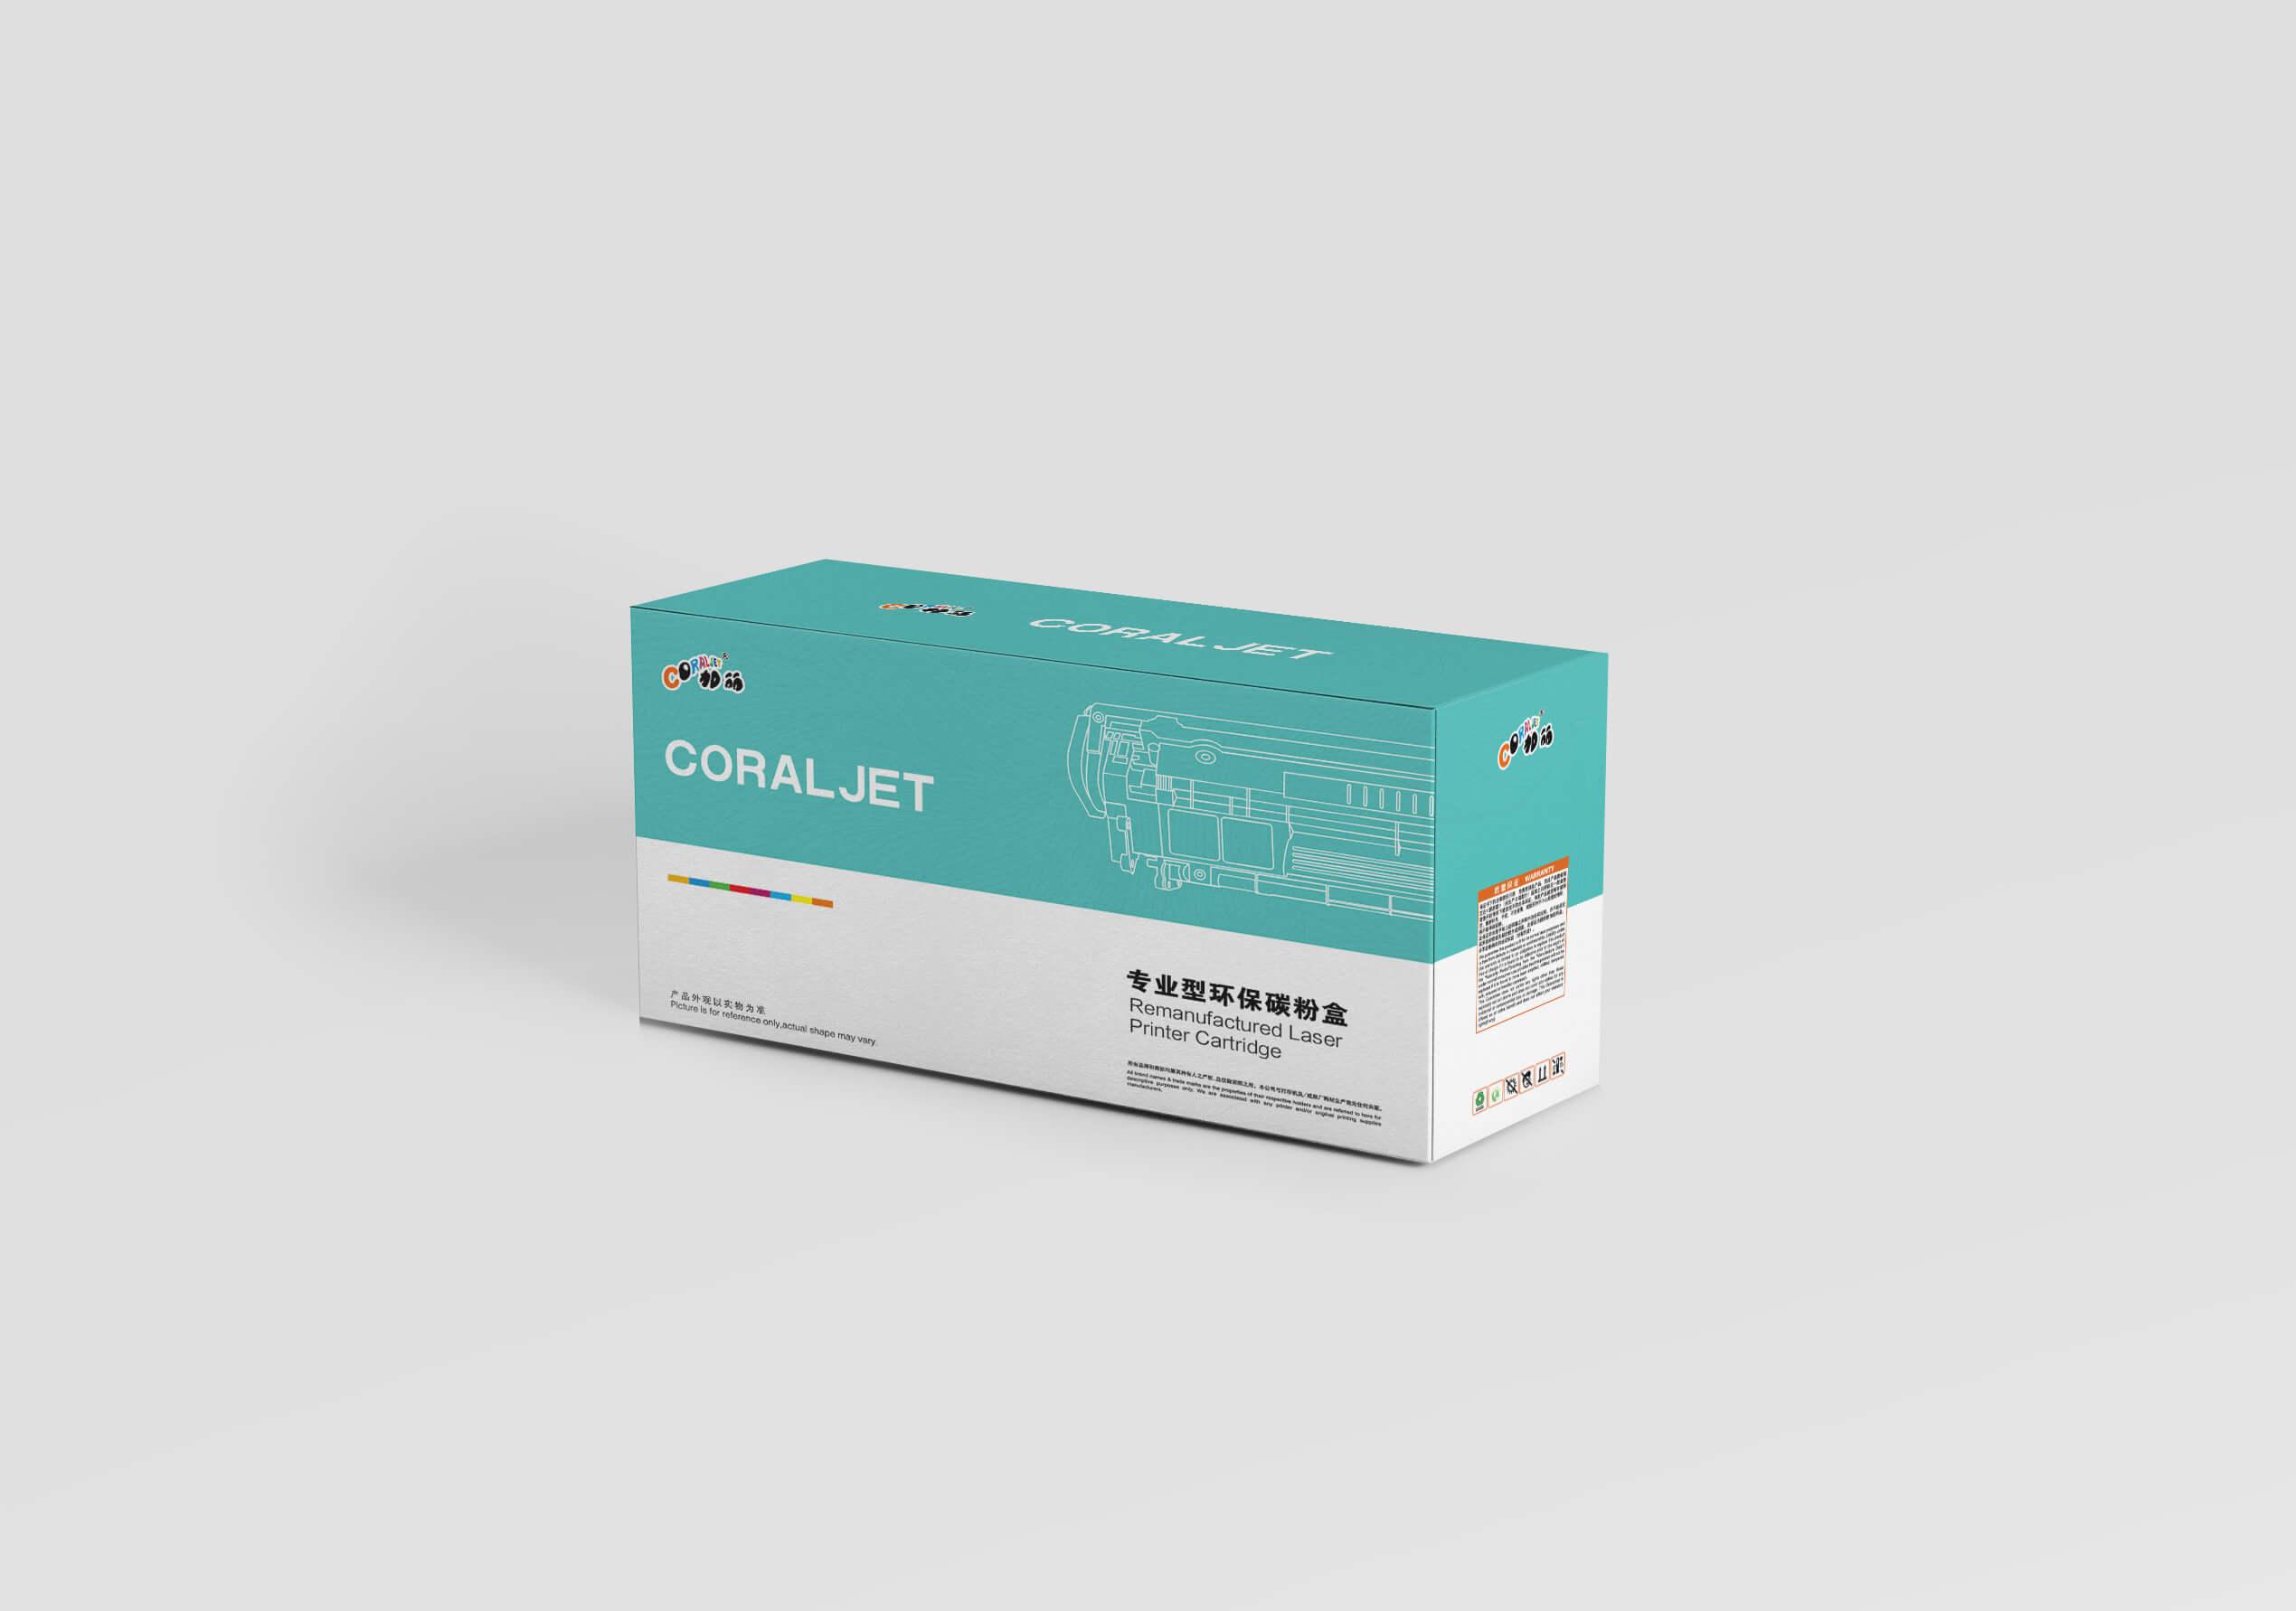 墨盒包装设计观澜宁波设计图片